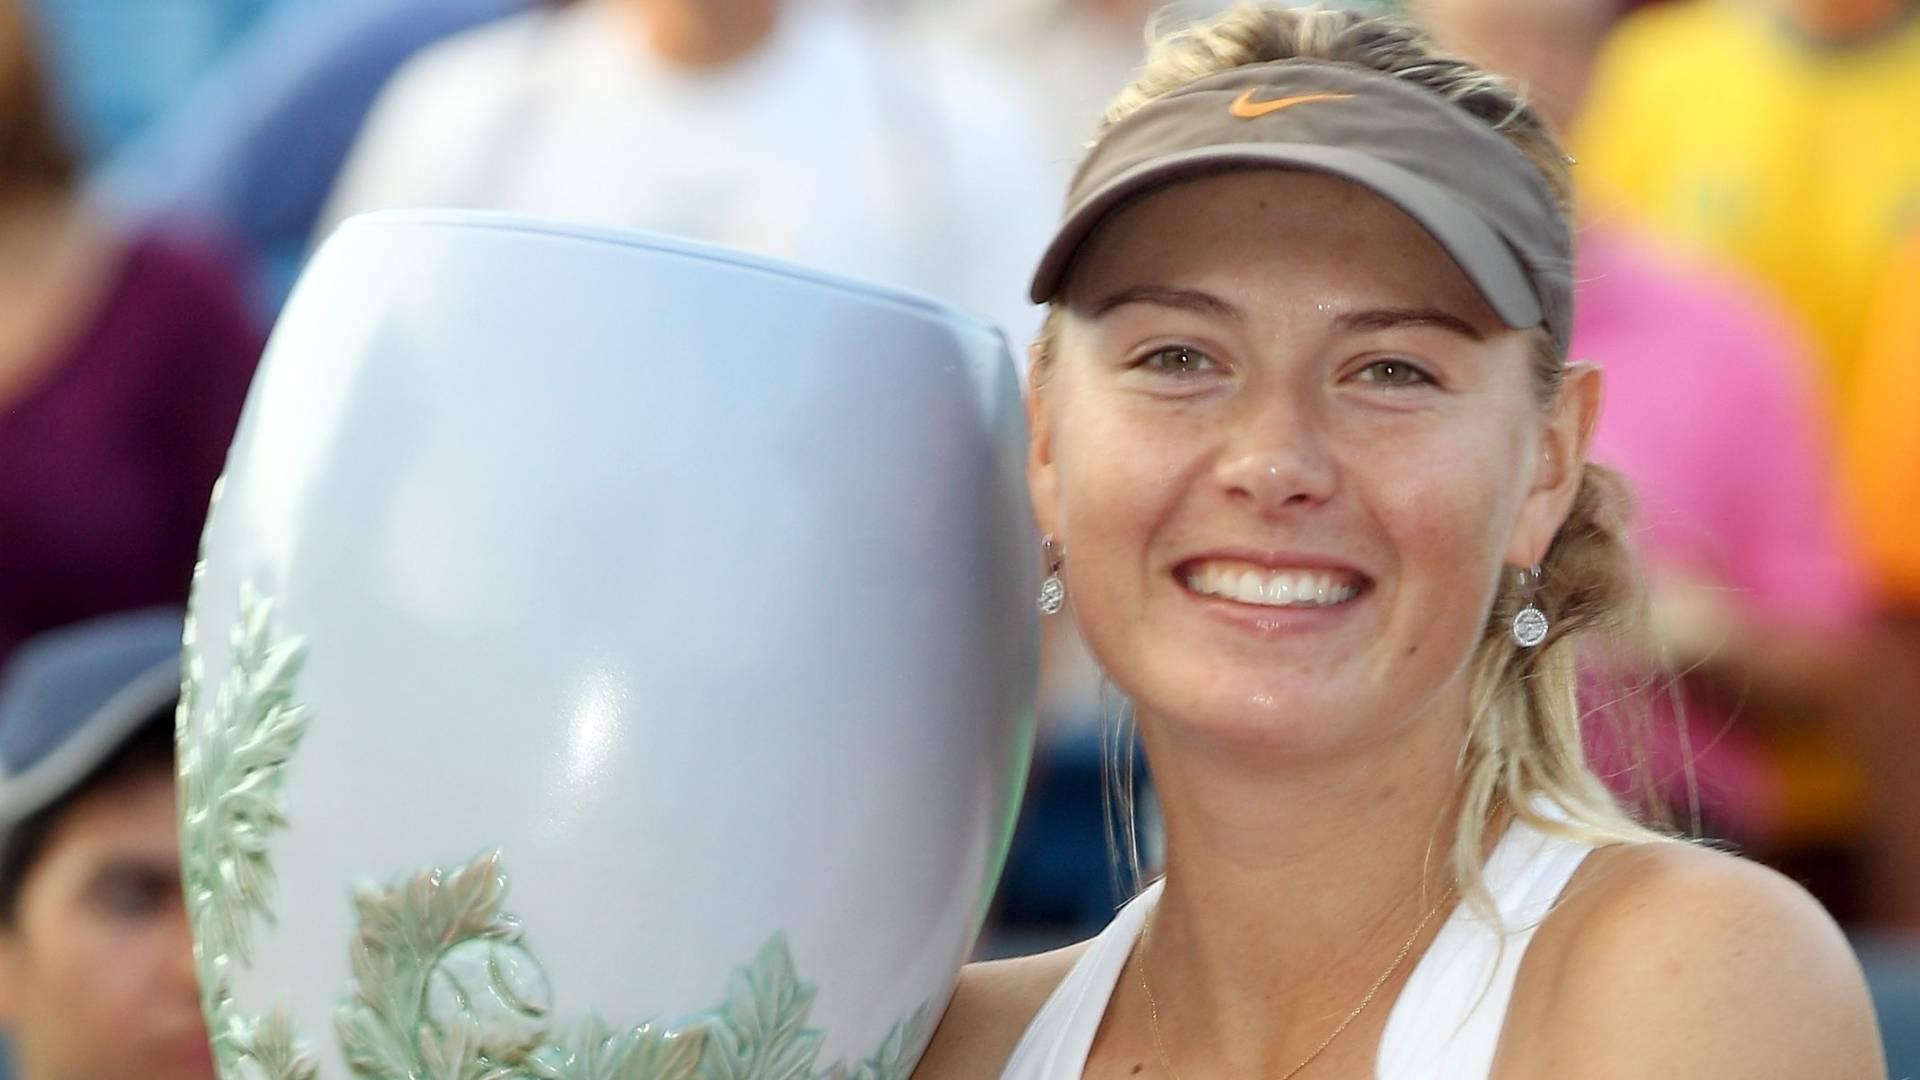 Maria Sharapova exibe troféu após conquistar o título de Cincinnati pela primeira vez (21/08/2011)